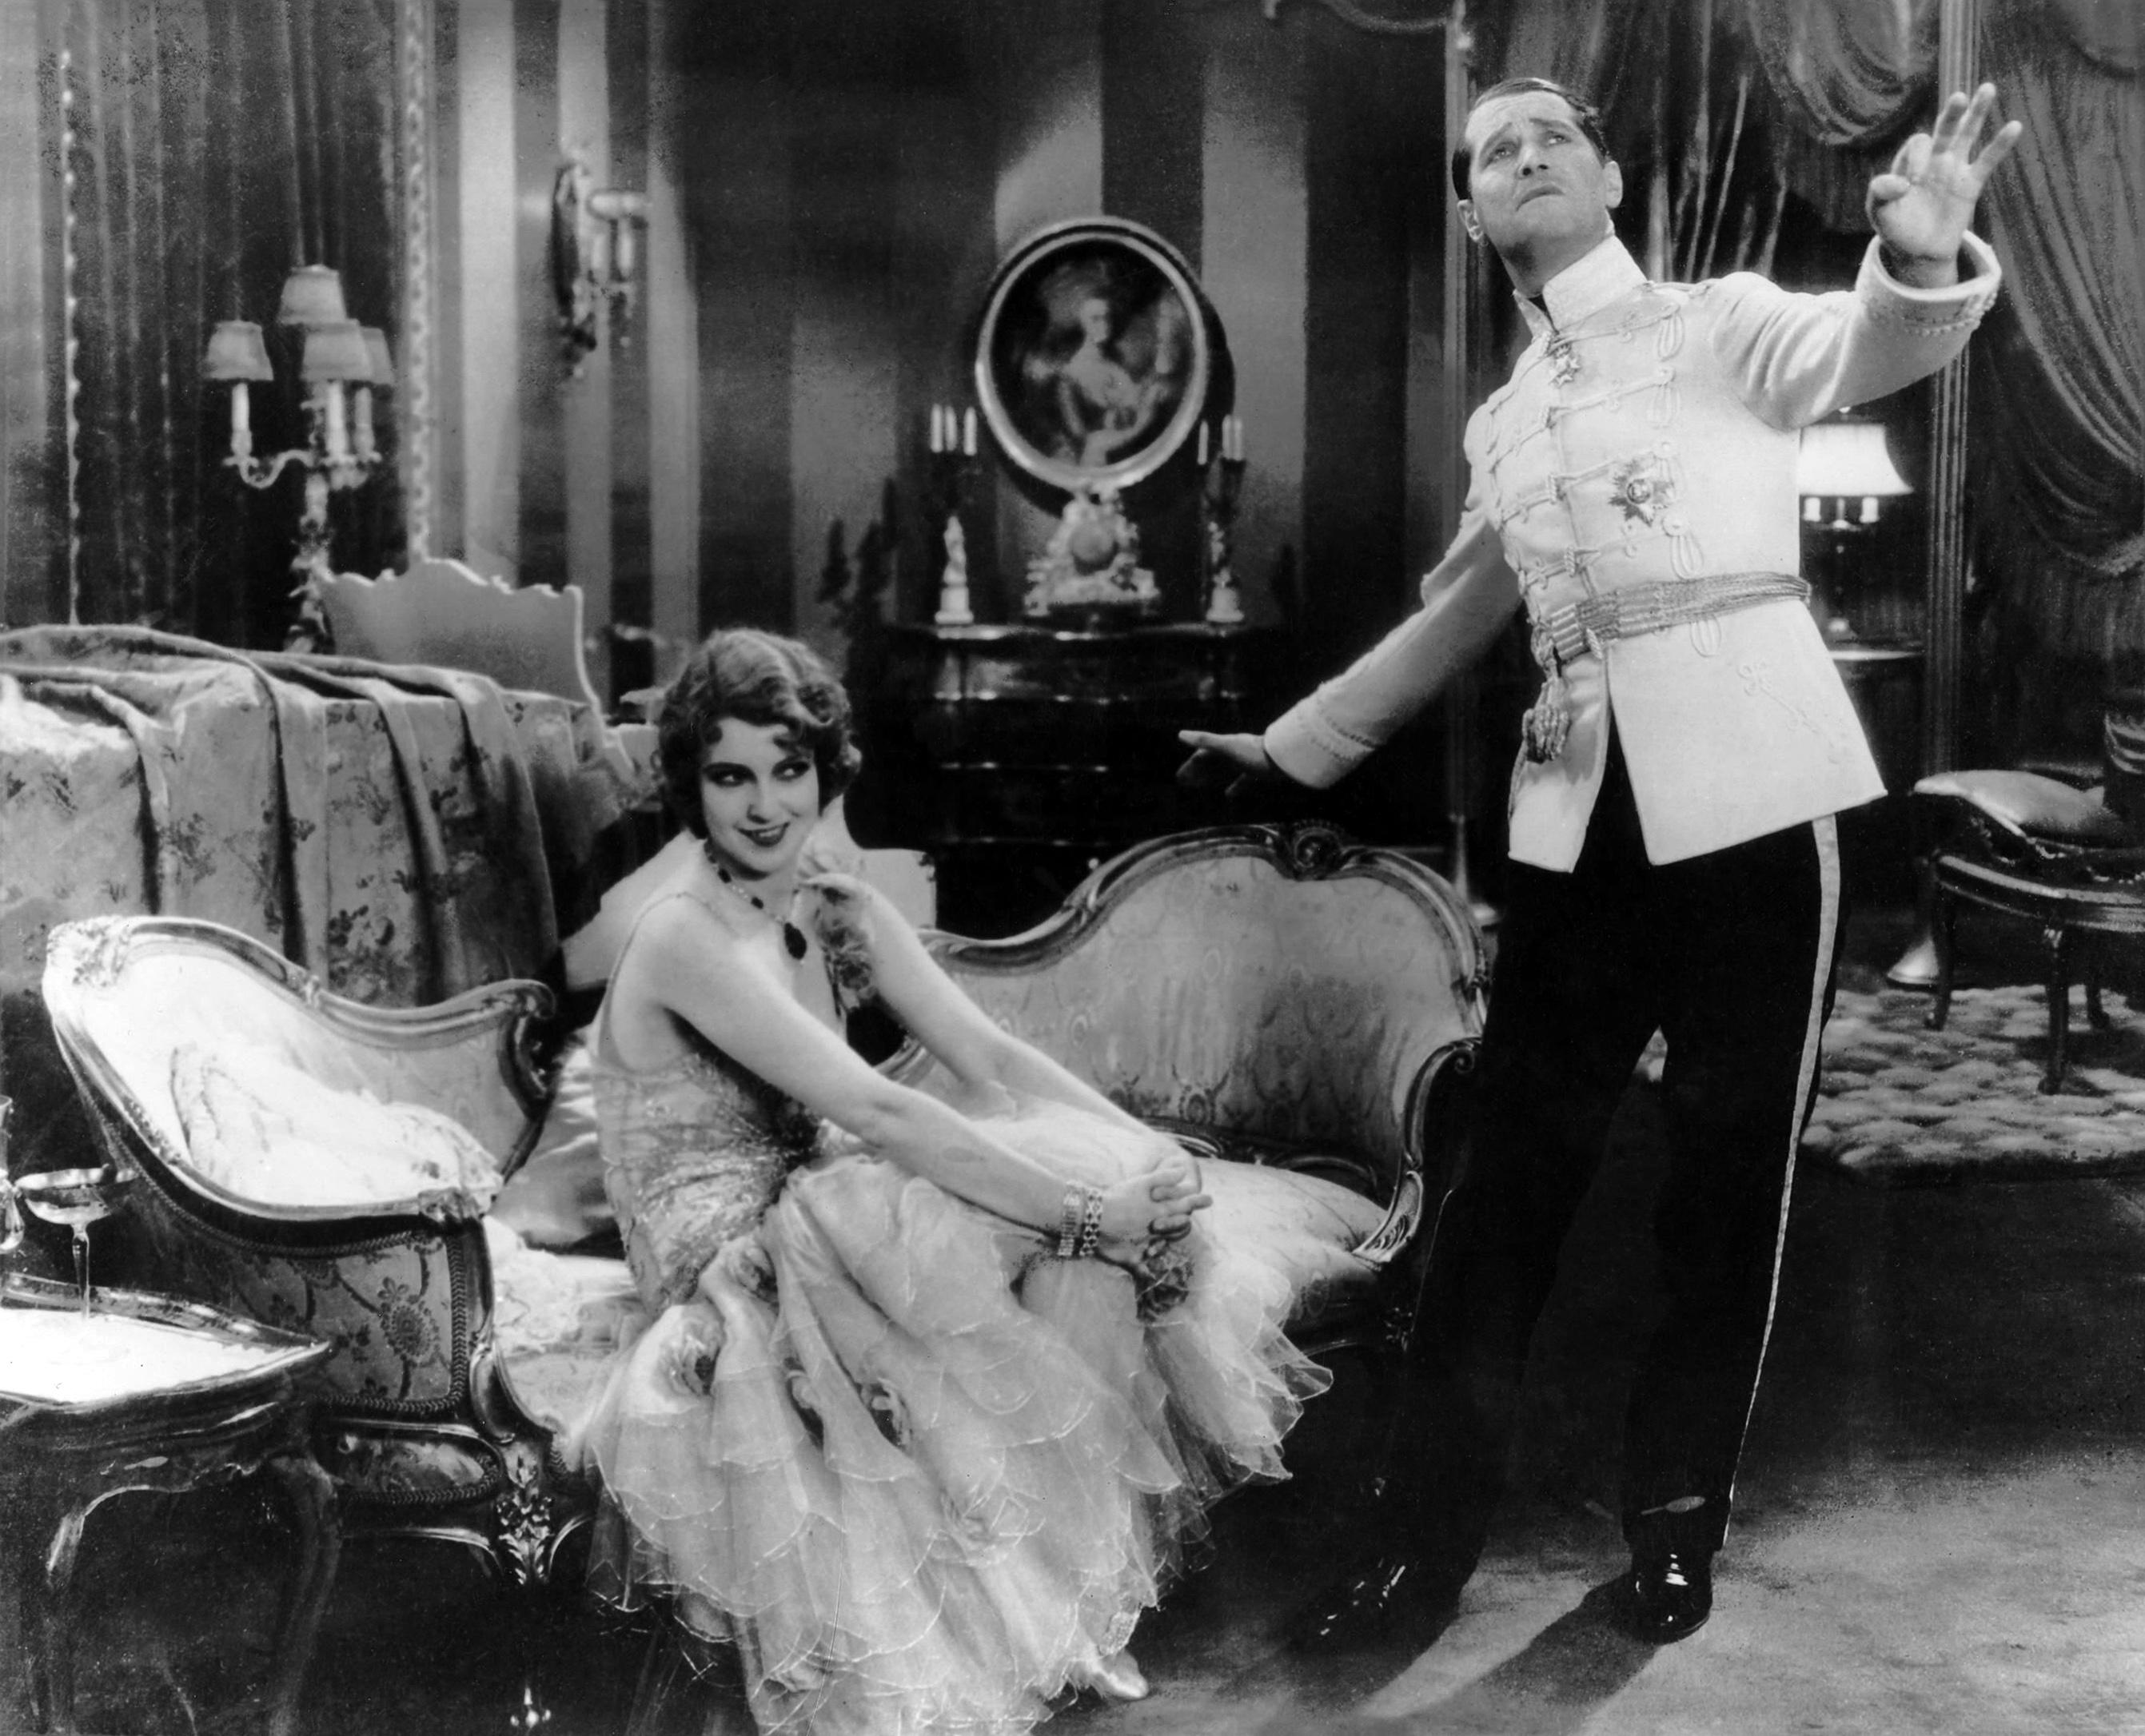 Eclipse Series 8: Lubitsch Musicals on Criterion DVD